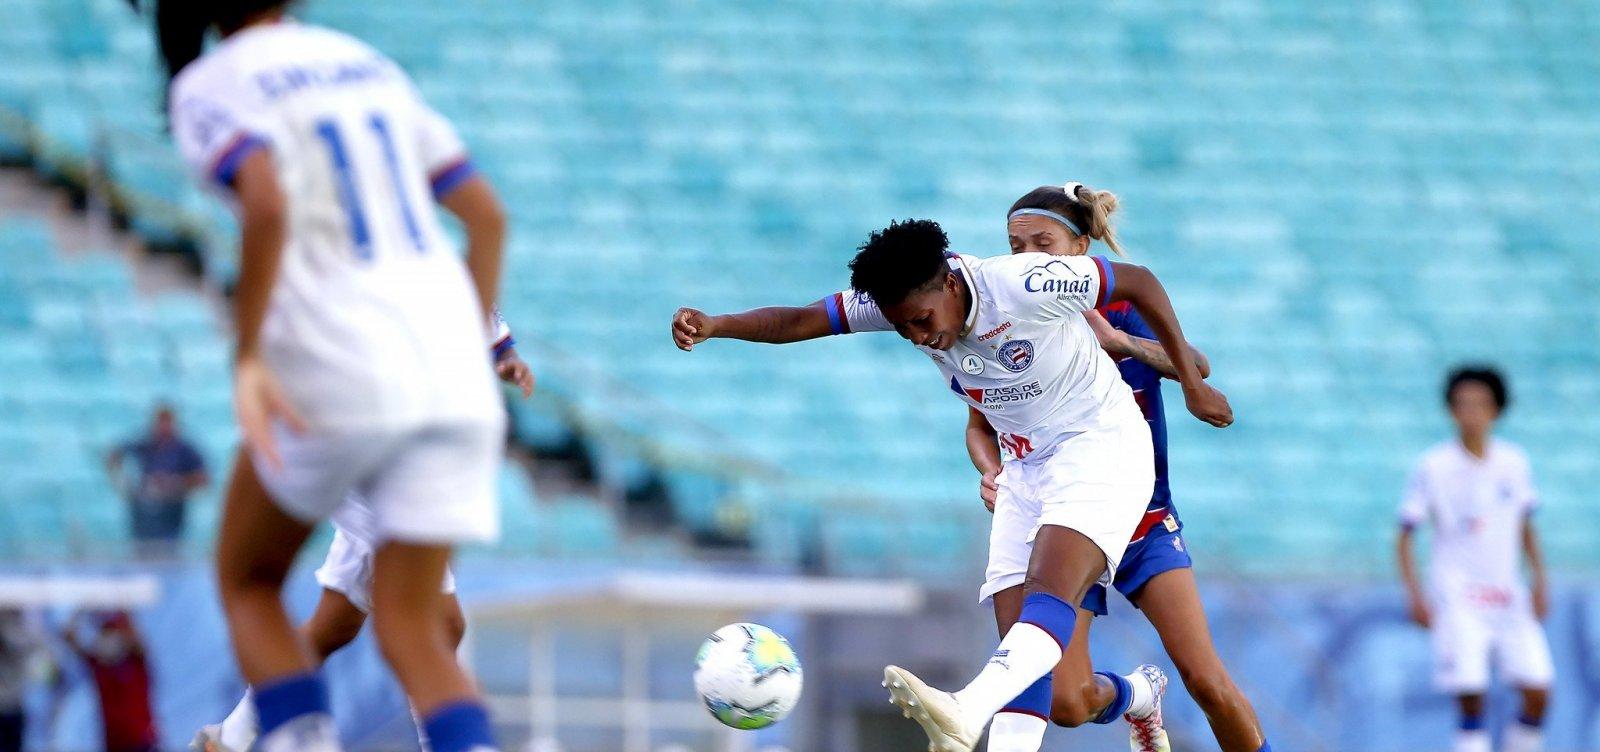 Brasileirão Feminino: Bahia encara Botafogo e busca vaga na final da Série A2